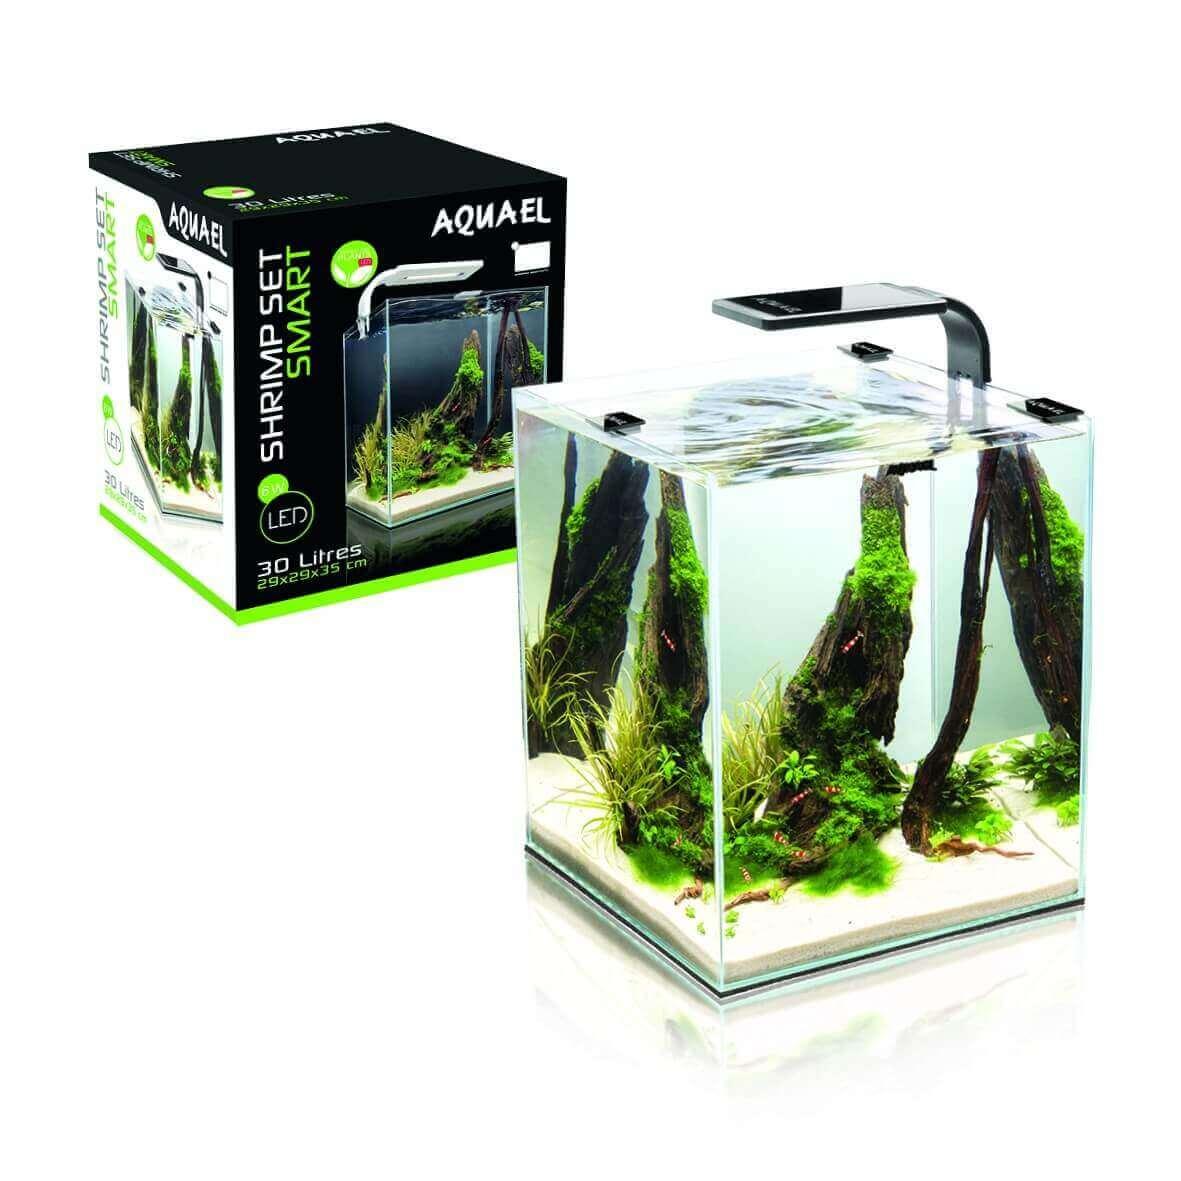 AQUAEL Aquarium Shrimpset Smart_2